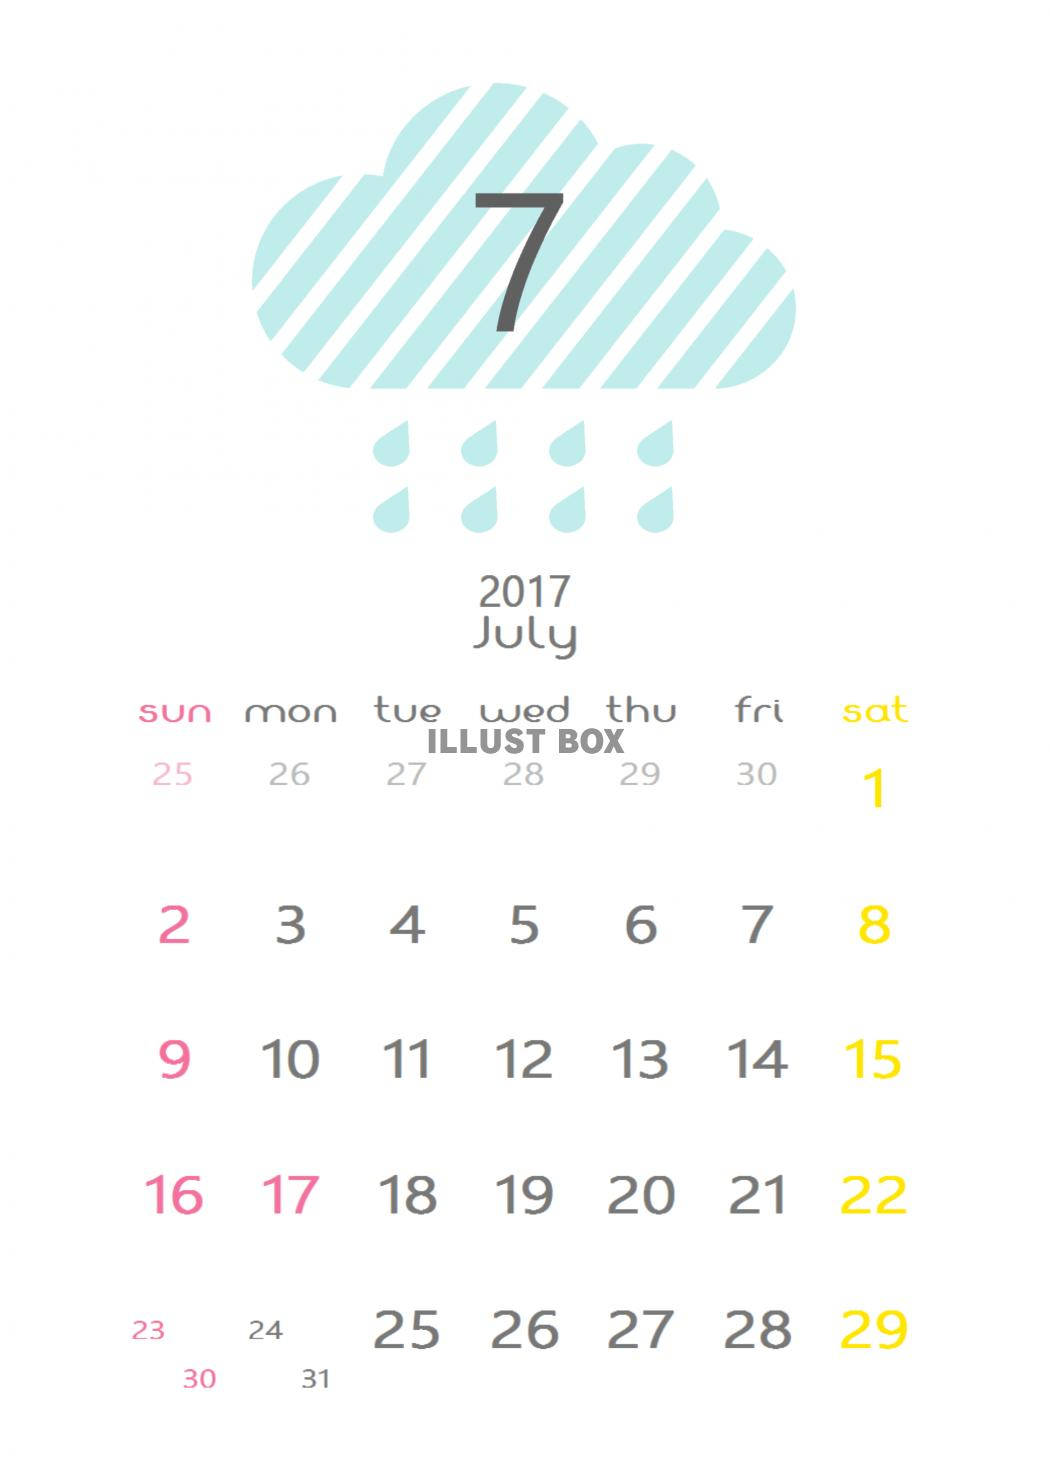 無料イラスト 雲のカレンダー 2017年7月分